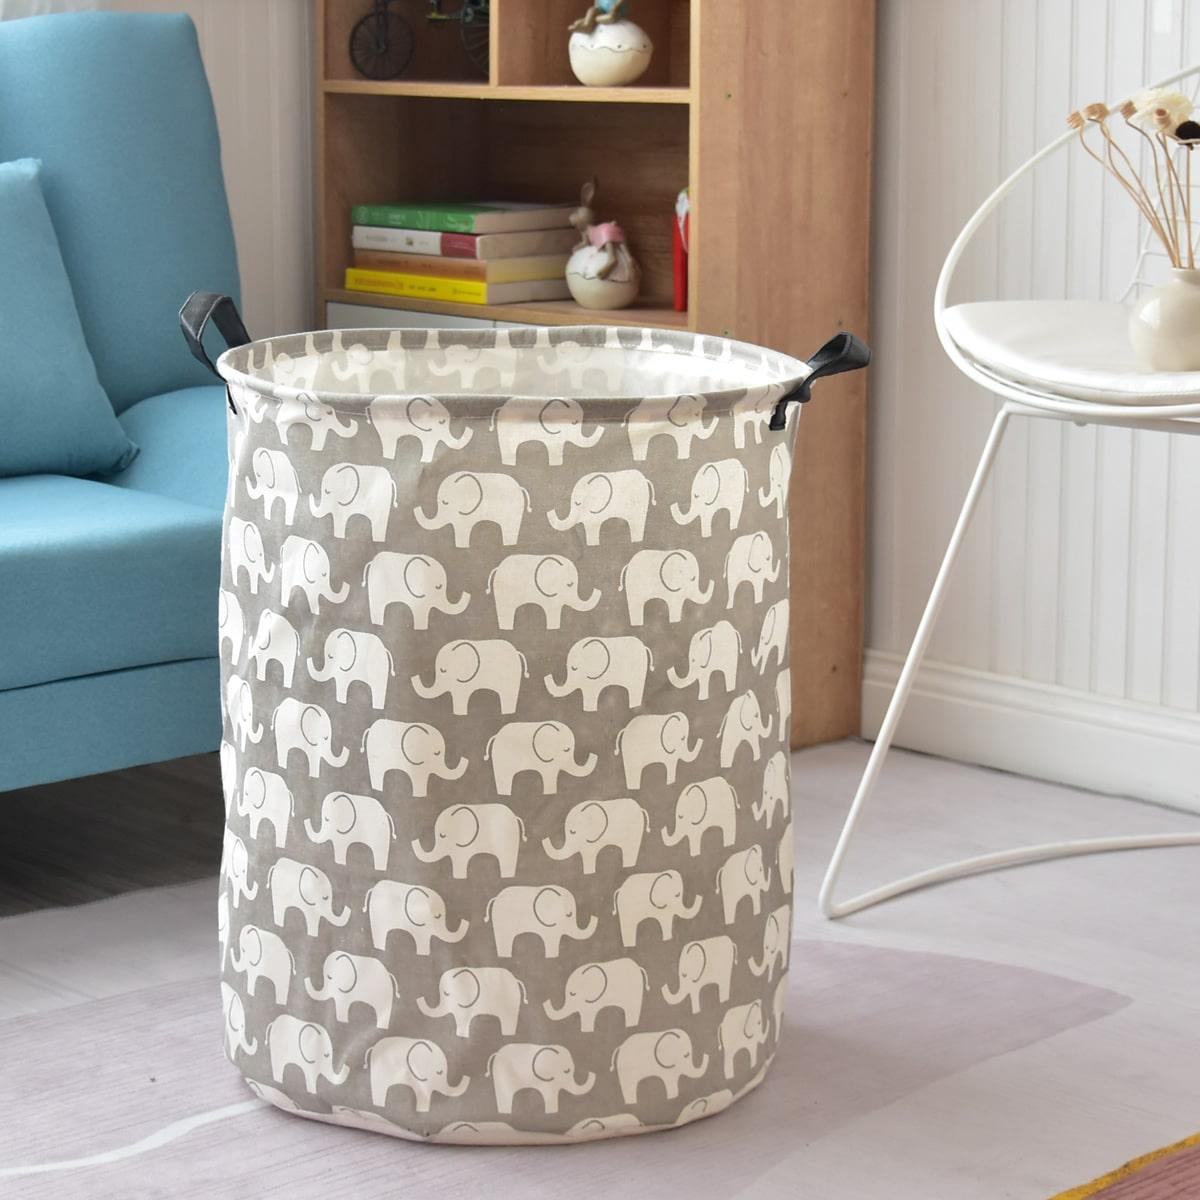 Корзинна для хранения одежды с принтом слона